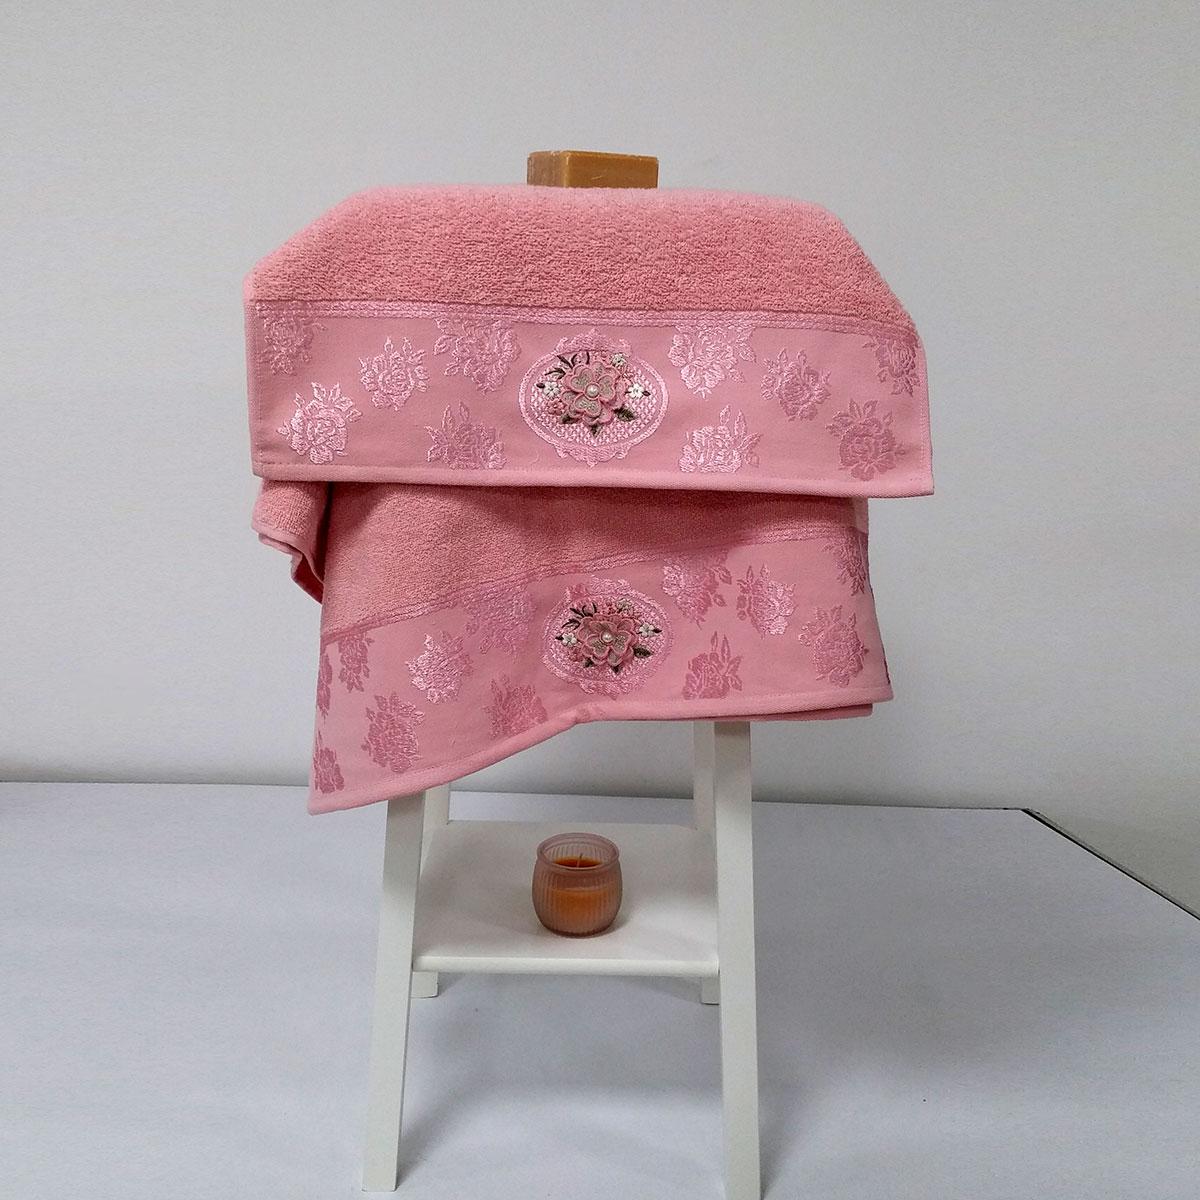 Полотенца Arya Полотенце Palona Цвет: Розовый (50х90 см,70х140 см) полотенца arya полотенце desima цвет розовый 50х90 см